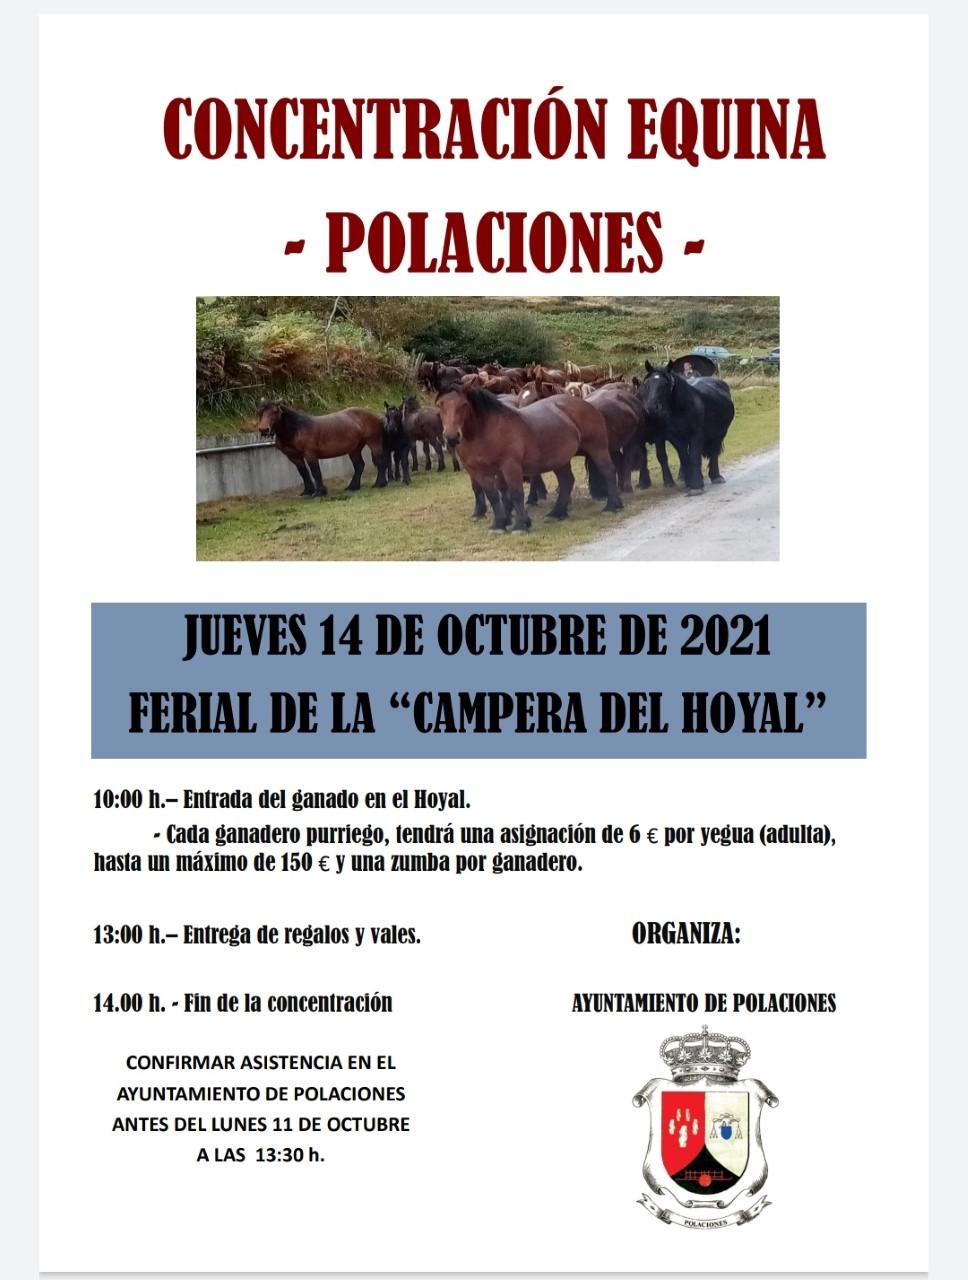 CONCENTRACIÓN EQUINA POLACIONES 14 DE OCTUBRE